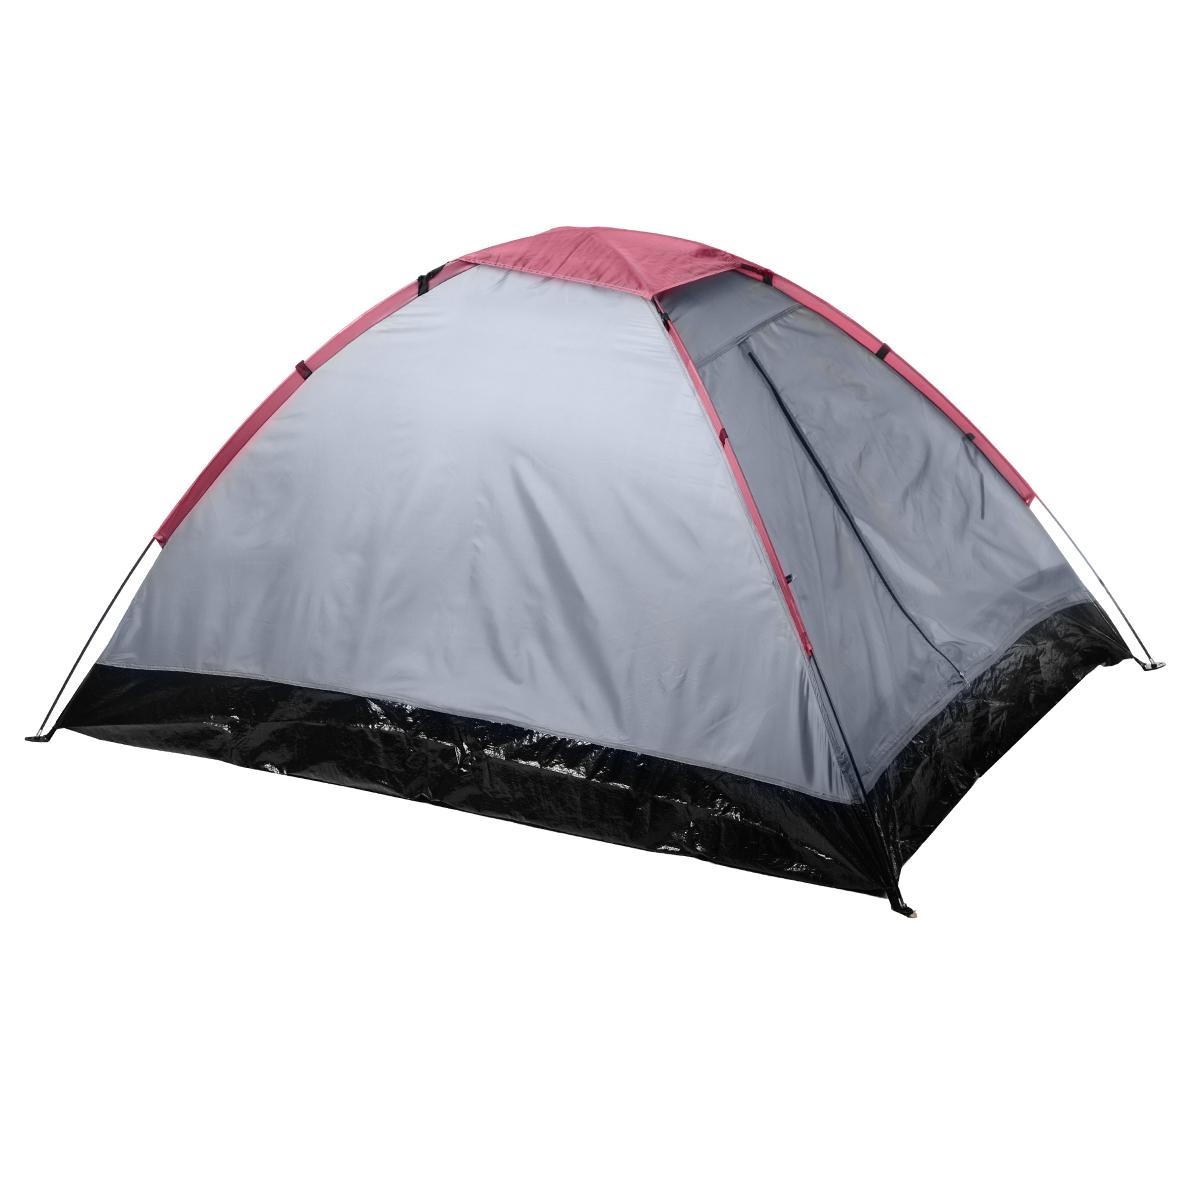 Палатка двухместная однослойная RekingWS 7064Универсальная палатка для Reking туристических походов. Имеет минимальный вес среди всех туристических палаток с фибергласовыми дугами, при этом обеспечивая оптимальное пространство пользователям.Материал тента: полиэстер 190 PU;Материал дна: PEМатериал дуг: фиберглас 6,9 мм.